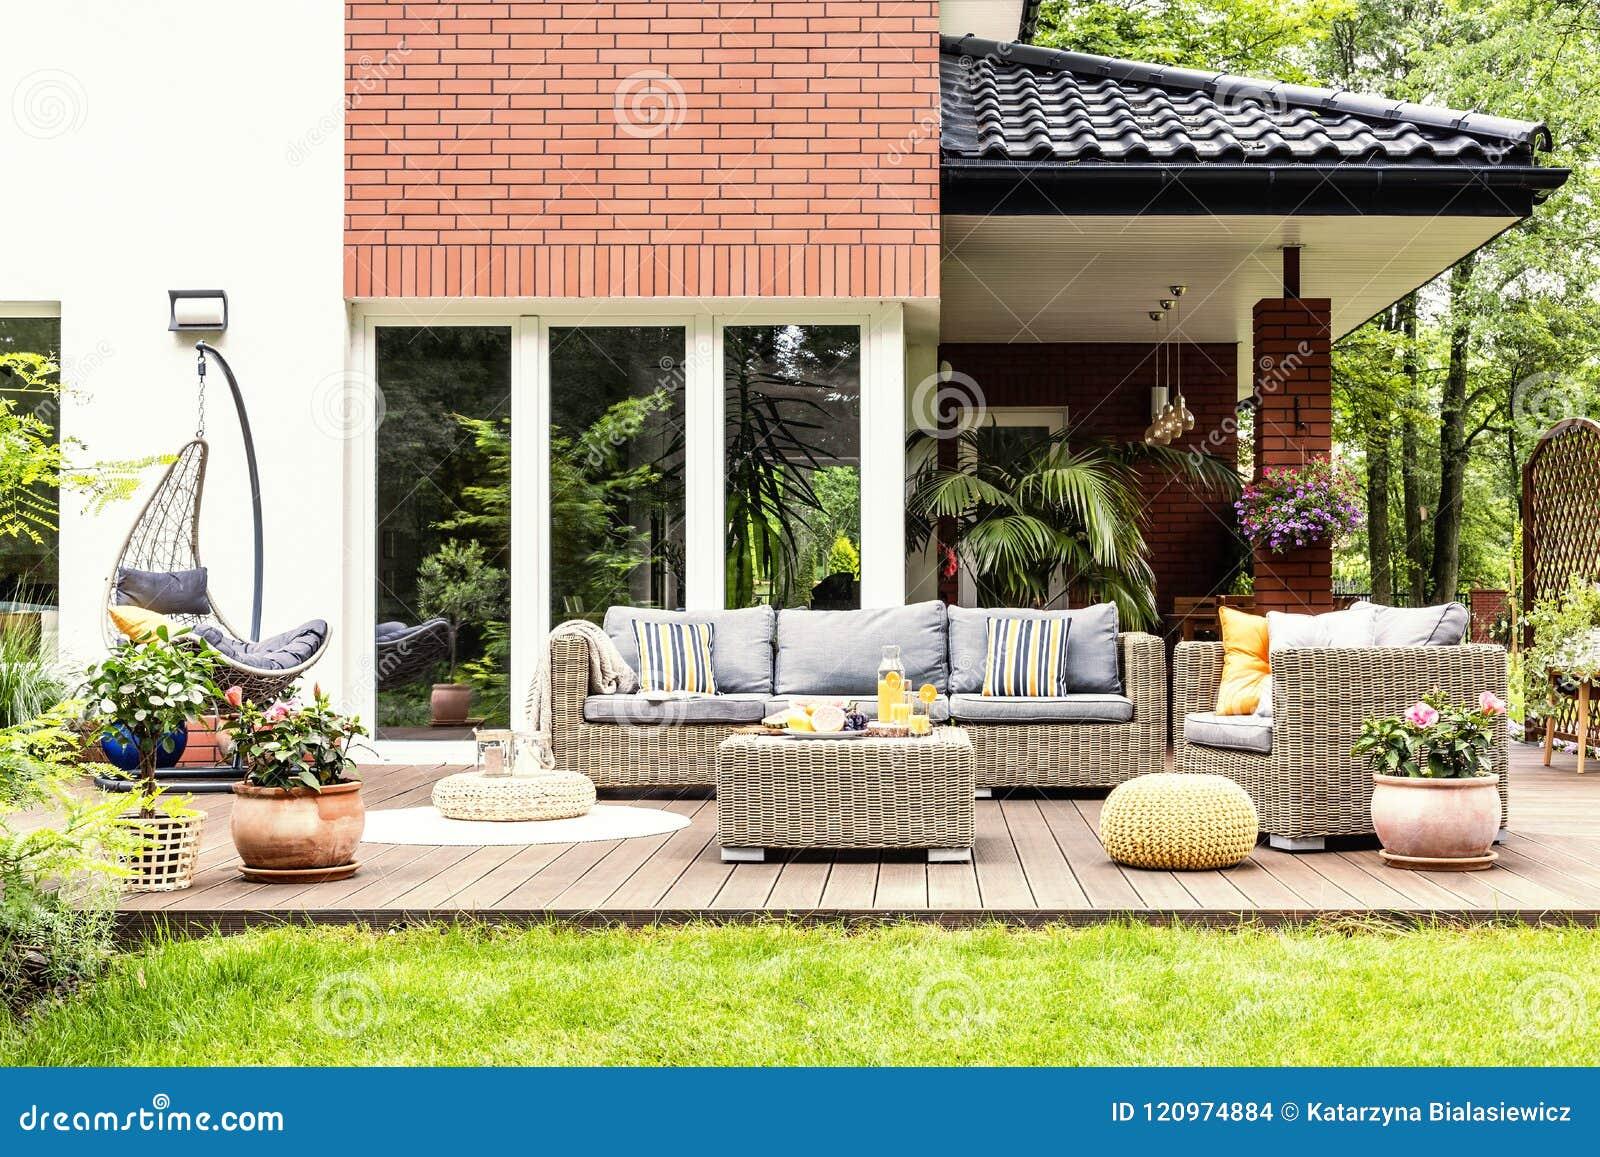 Echte foto van een mooi terras met tuinmeubilair, installaties